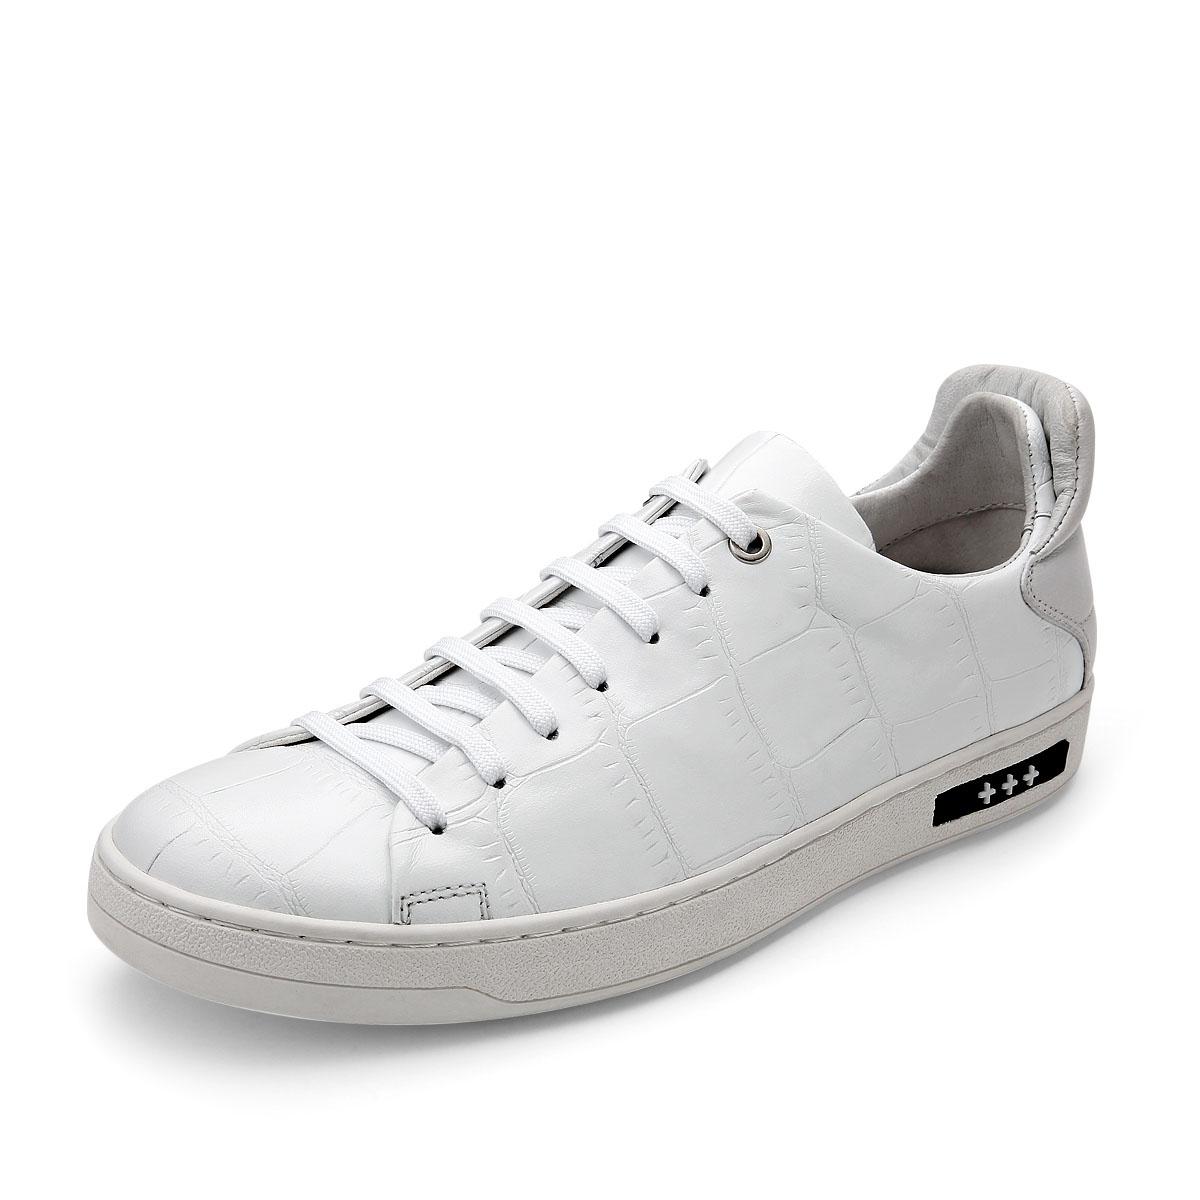 Sanken夏季休闲鞋男真皮透气板鞋韩版百搭潮流男士运动时尚小白鞋